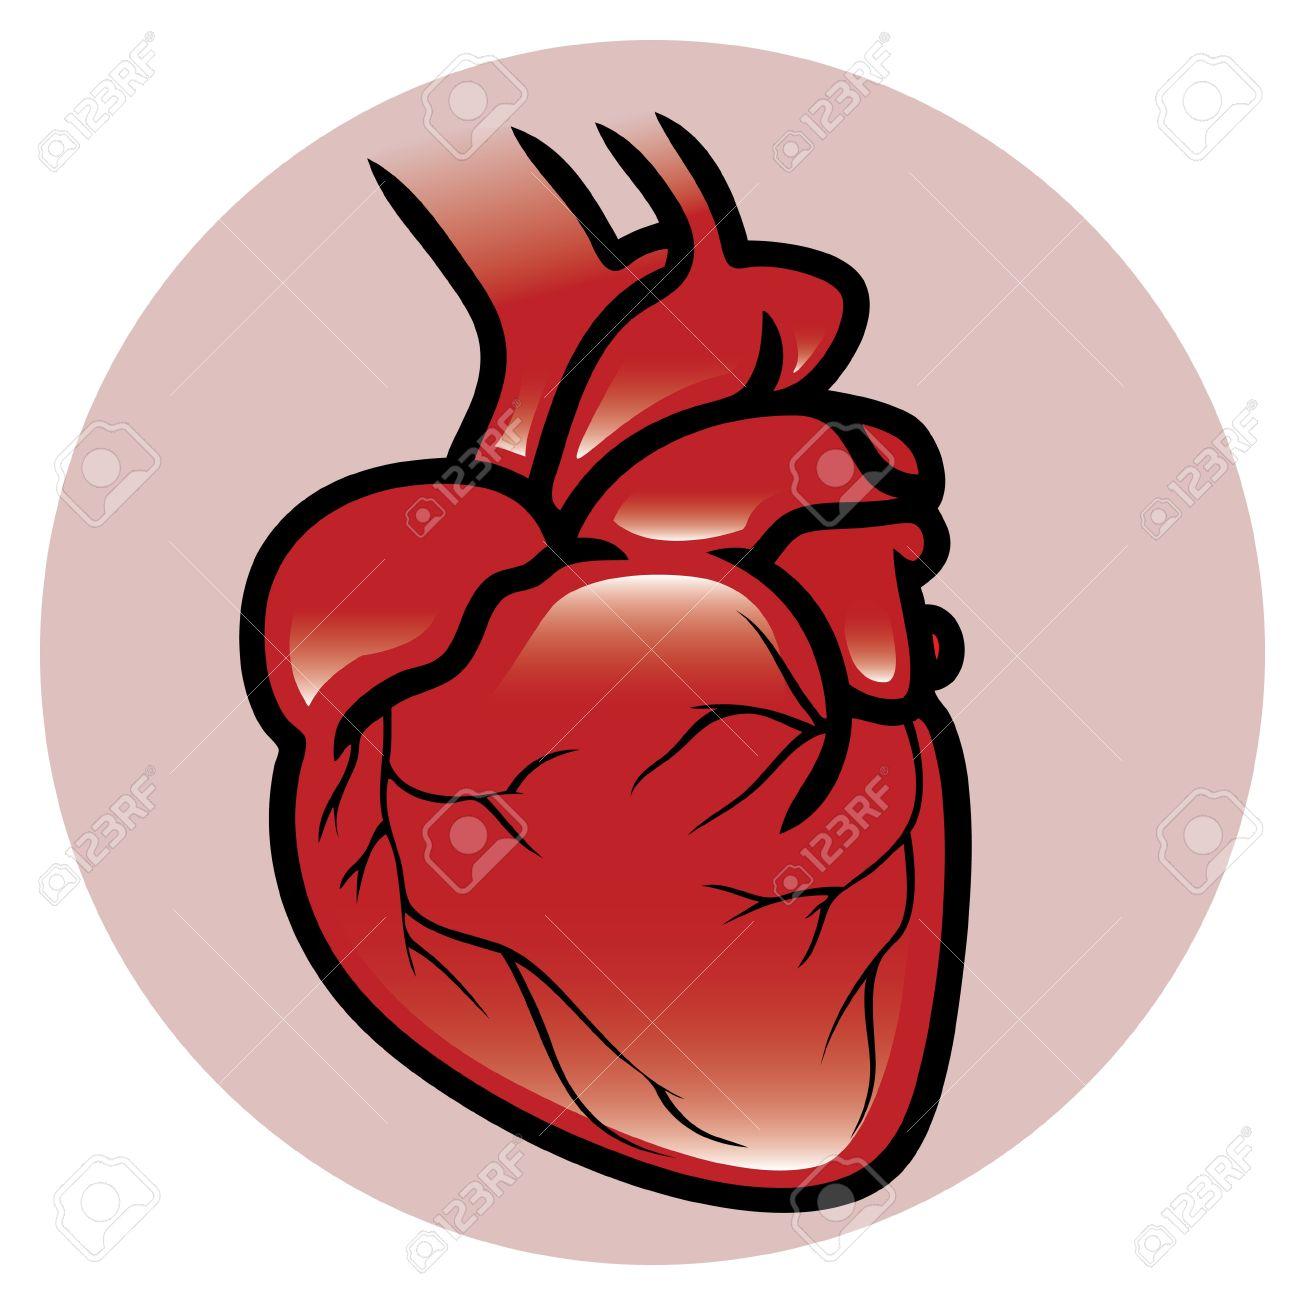 Un Botón O Icono De Un Corazón Humano Ilustraciones Vectoriales